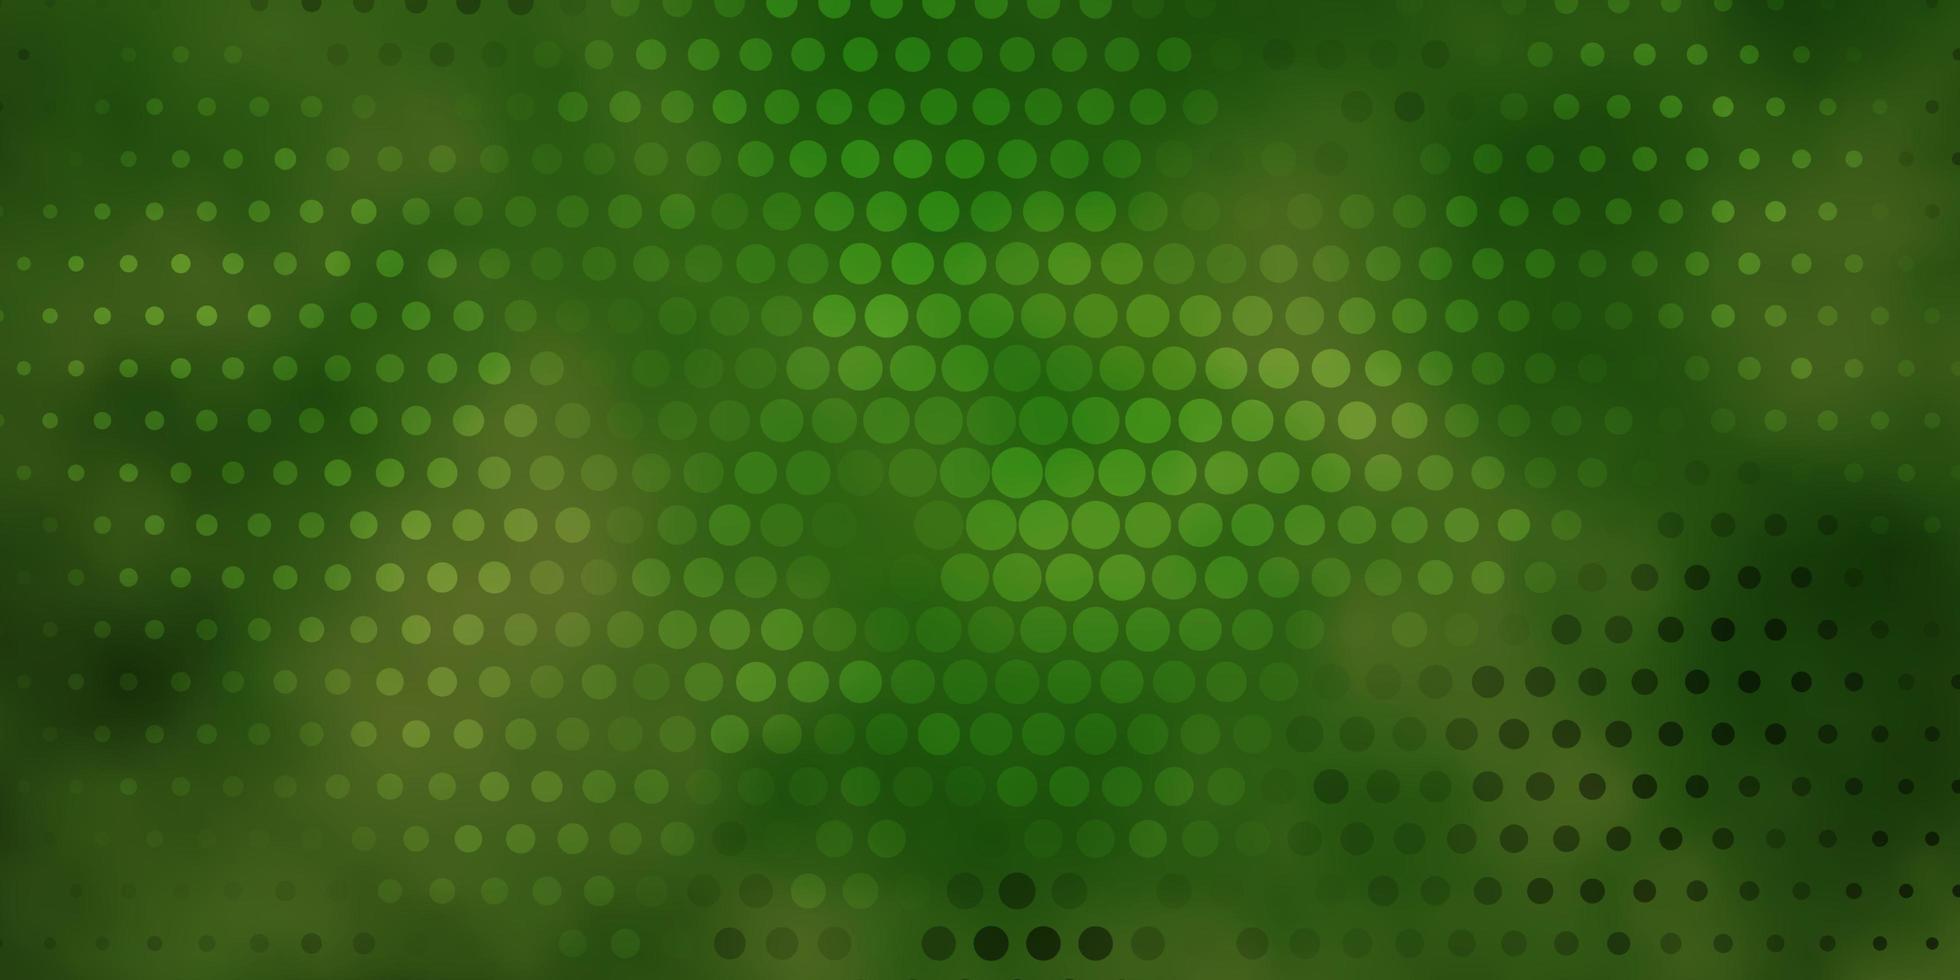 fundo verde escuro com círculos. vetor